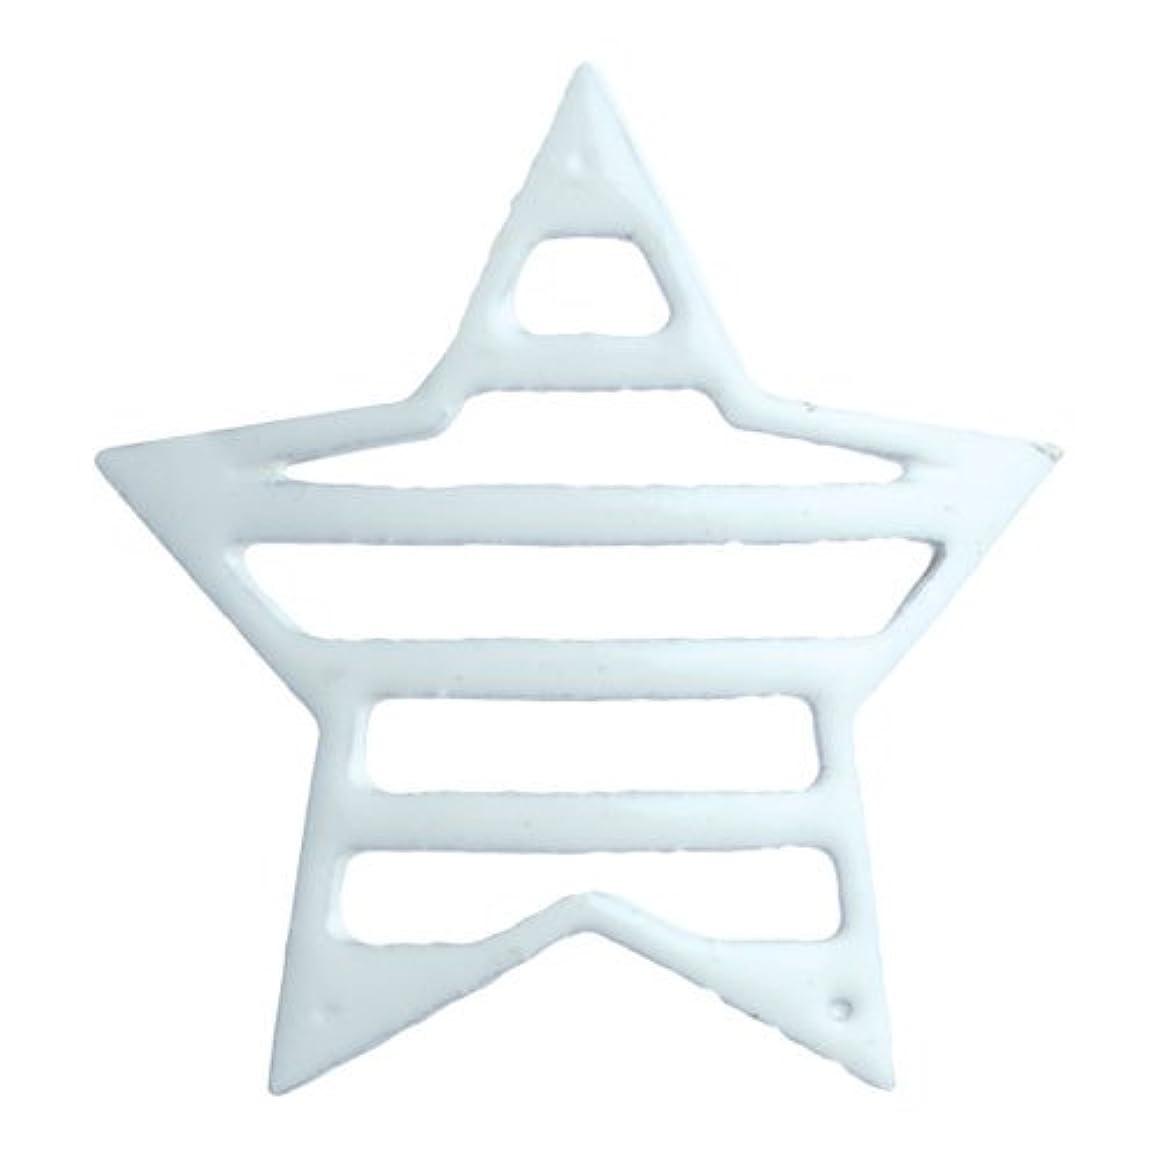 液体衝突するスロープリトルプリティー ネイルアートパーツ 星ボーダー L ホワイト 10個 白